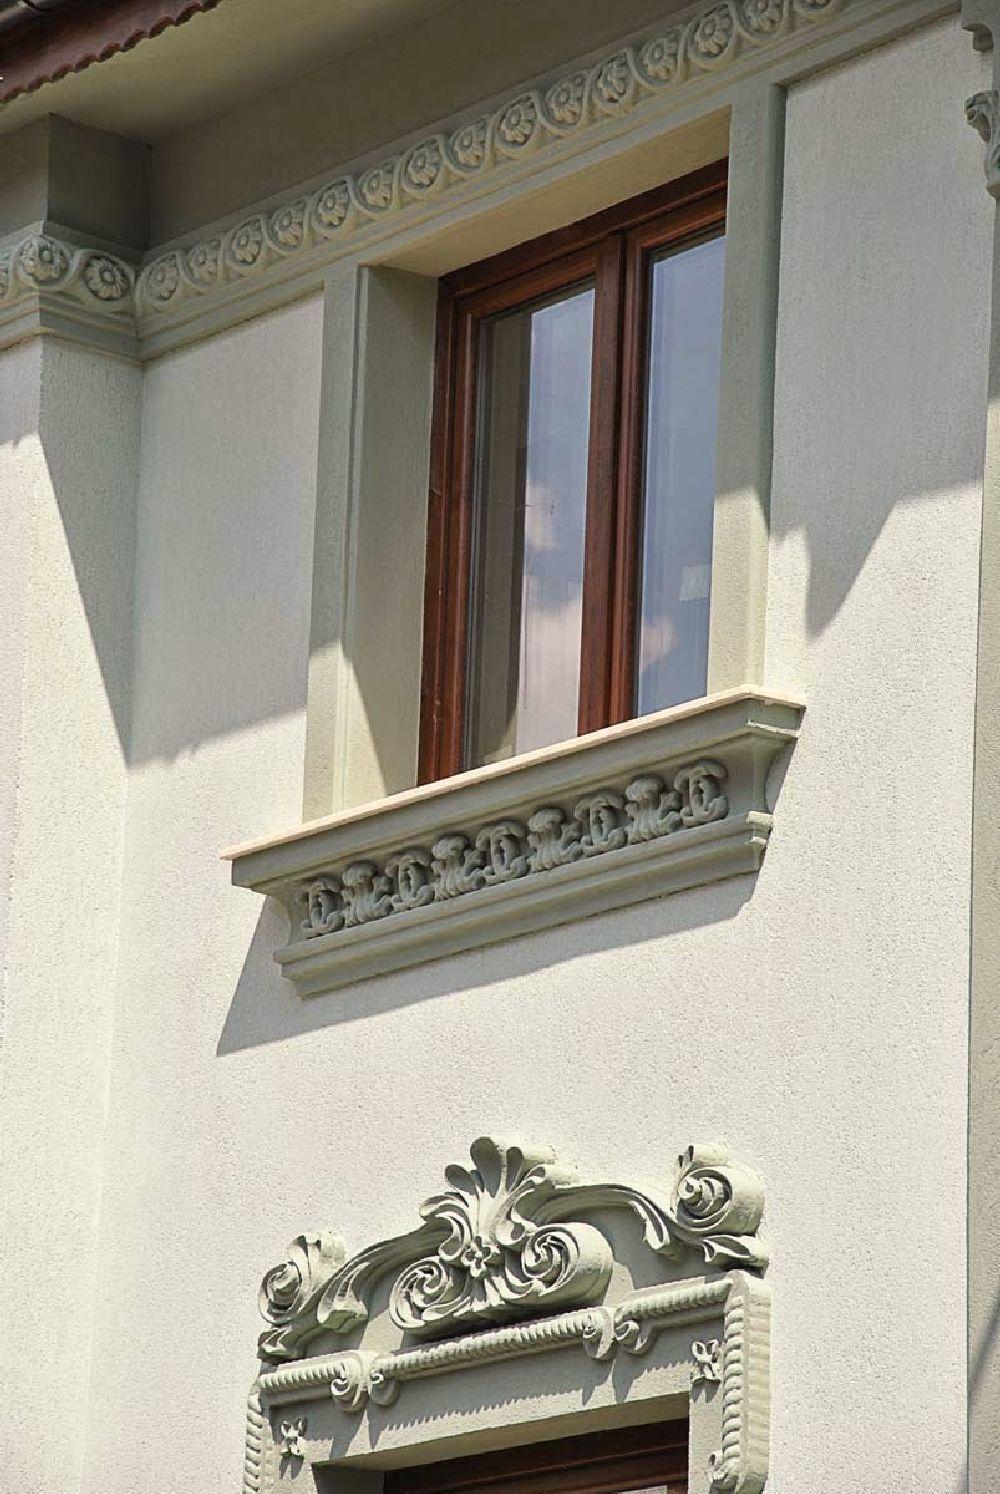 adelaparvu.com despre profile decorative si ornamente pentru fatade si interior, design CoArtCo (20)